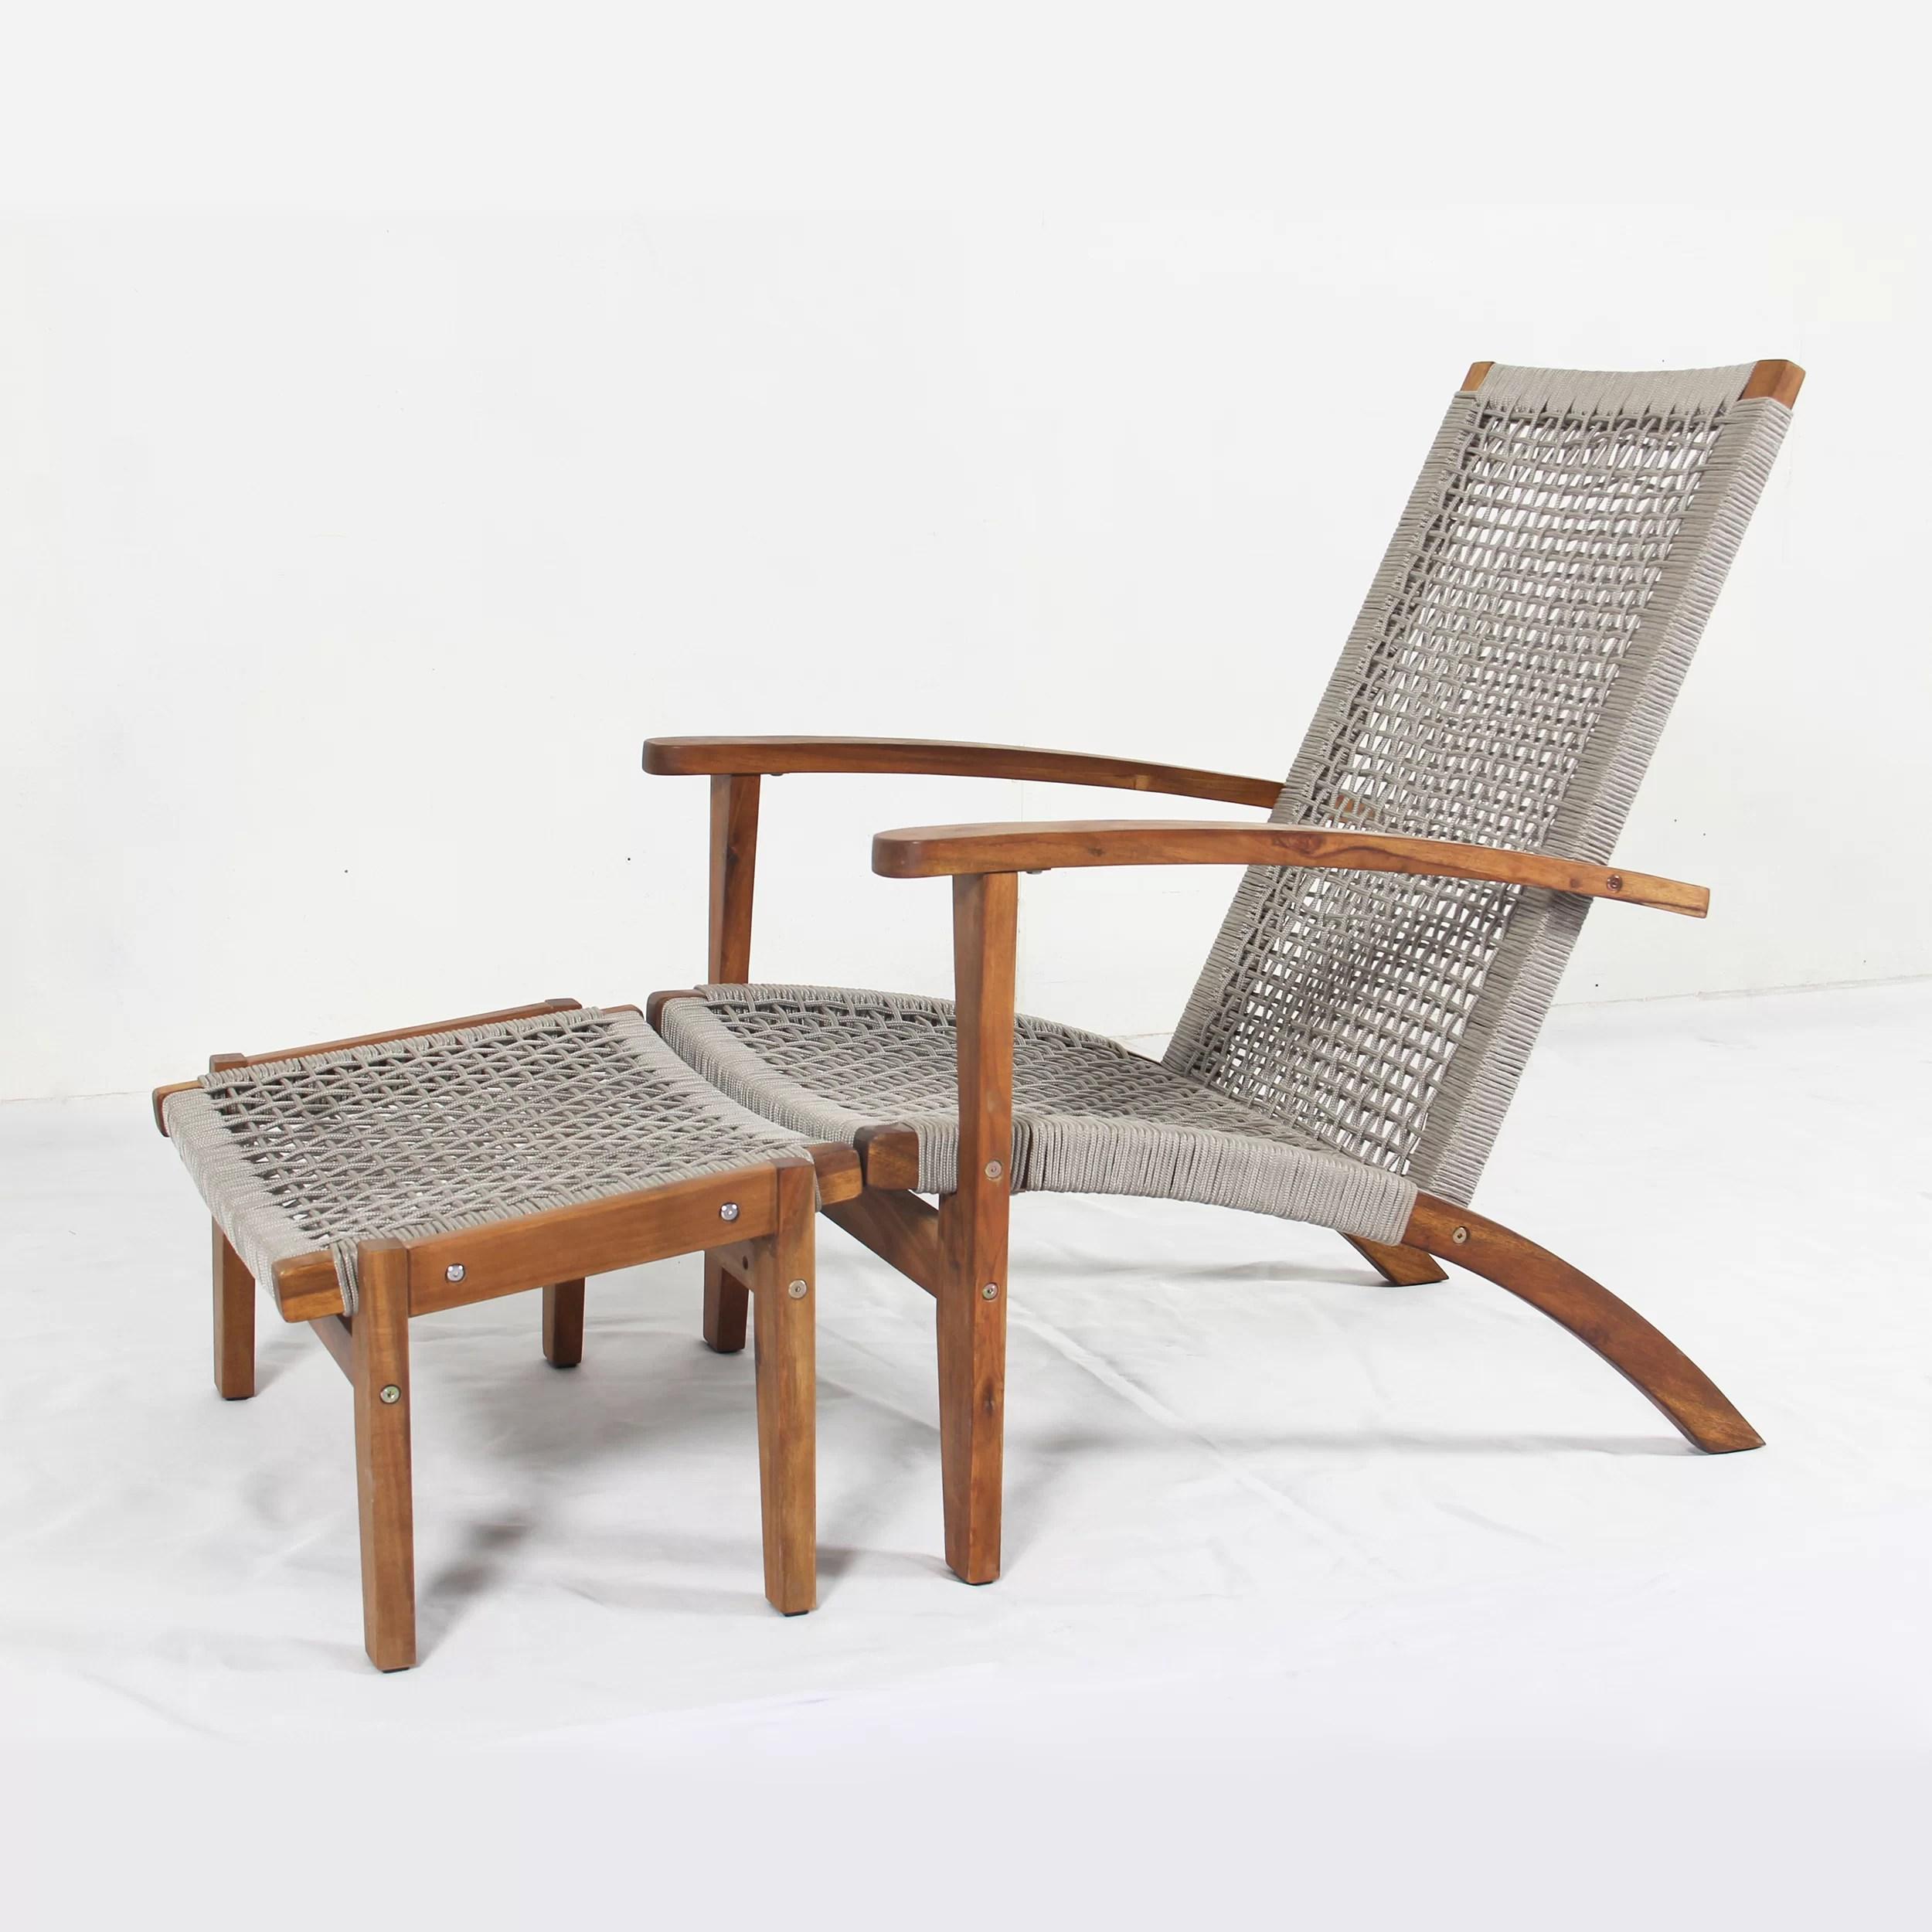 rope woven chair cheaper than retail